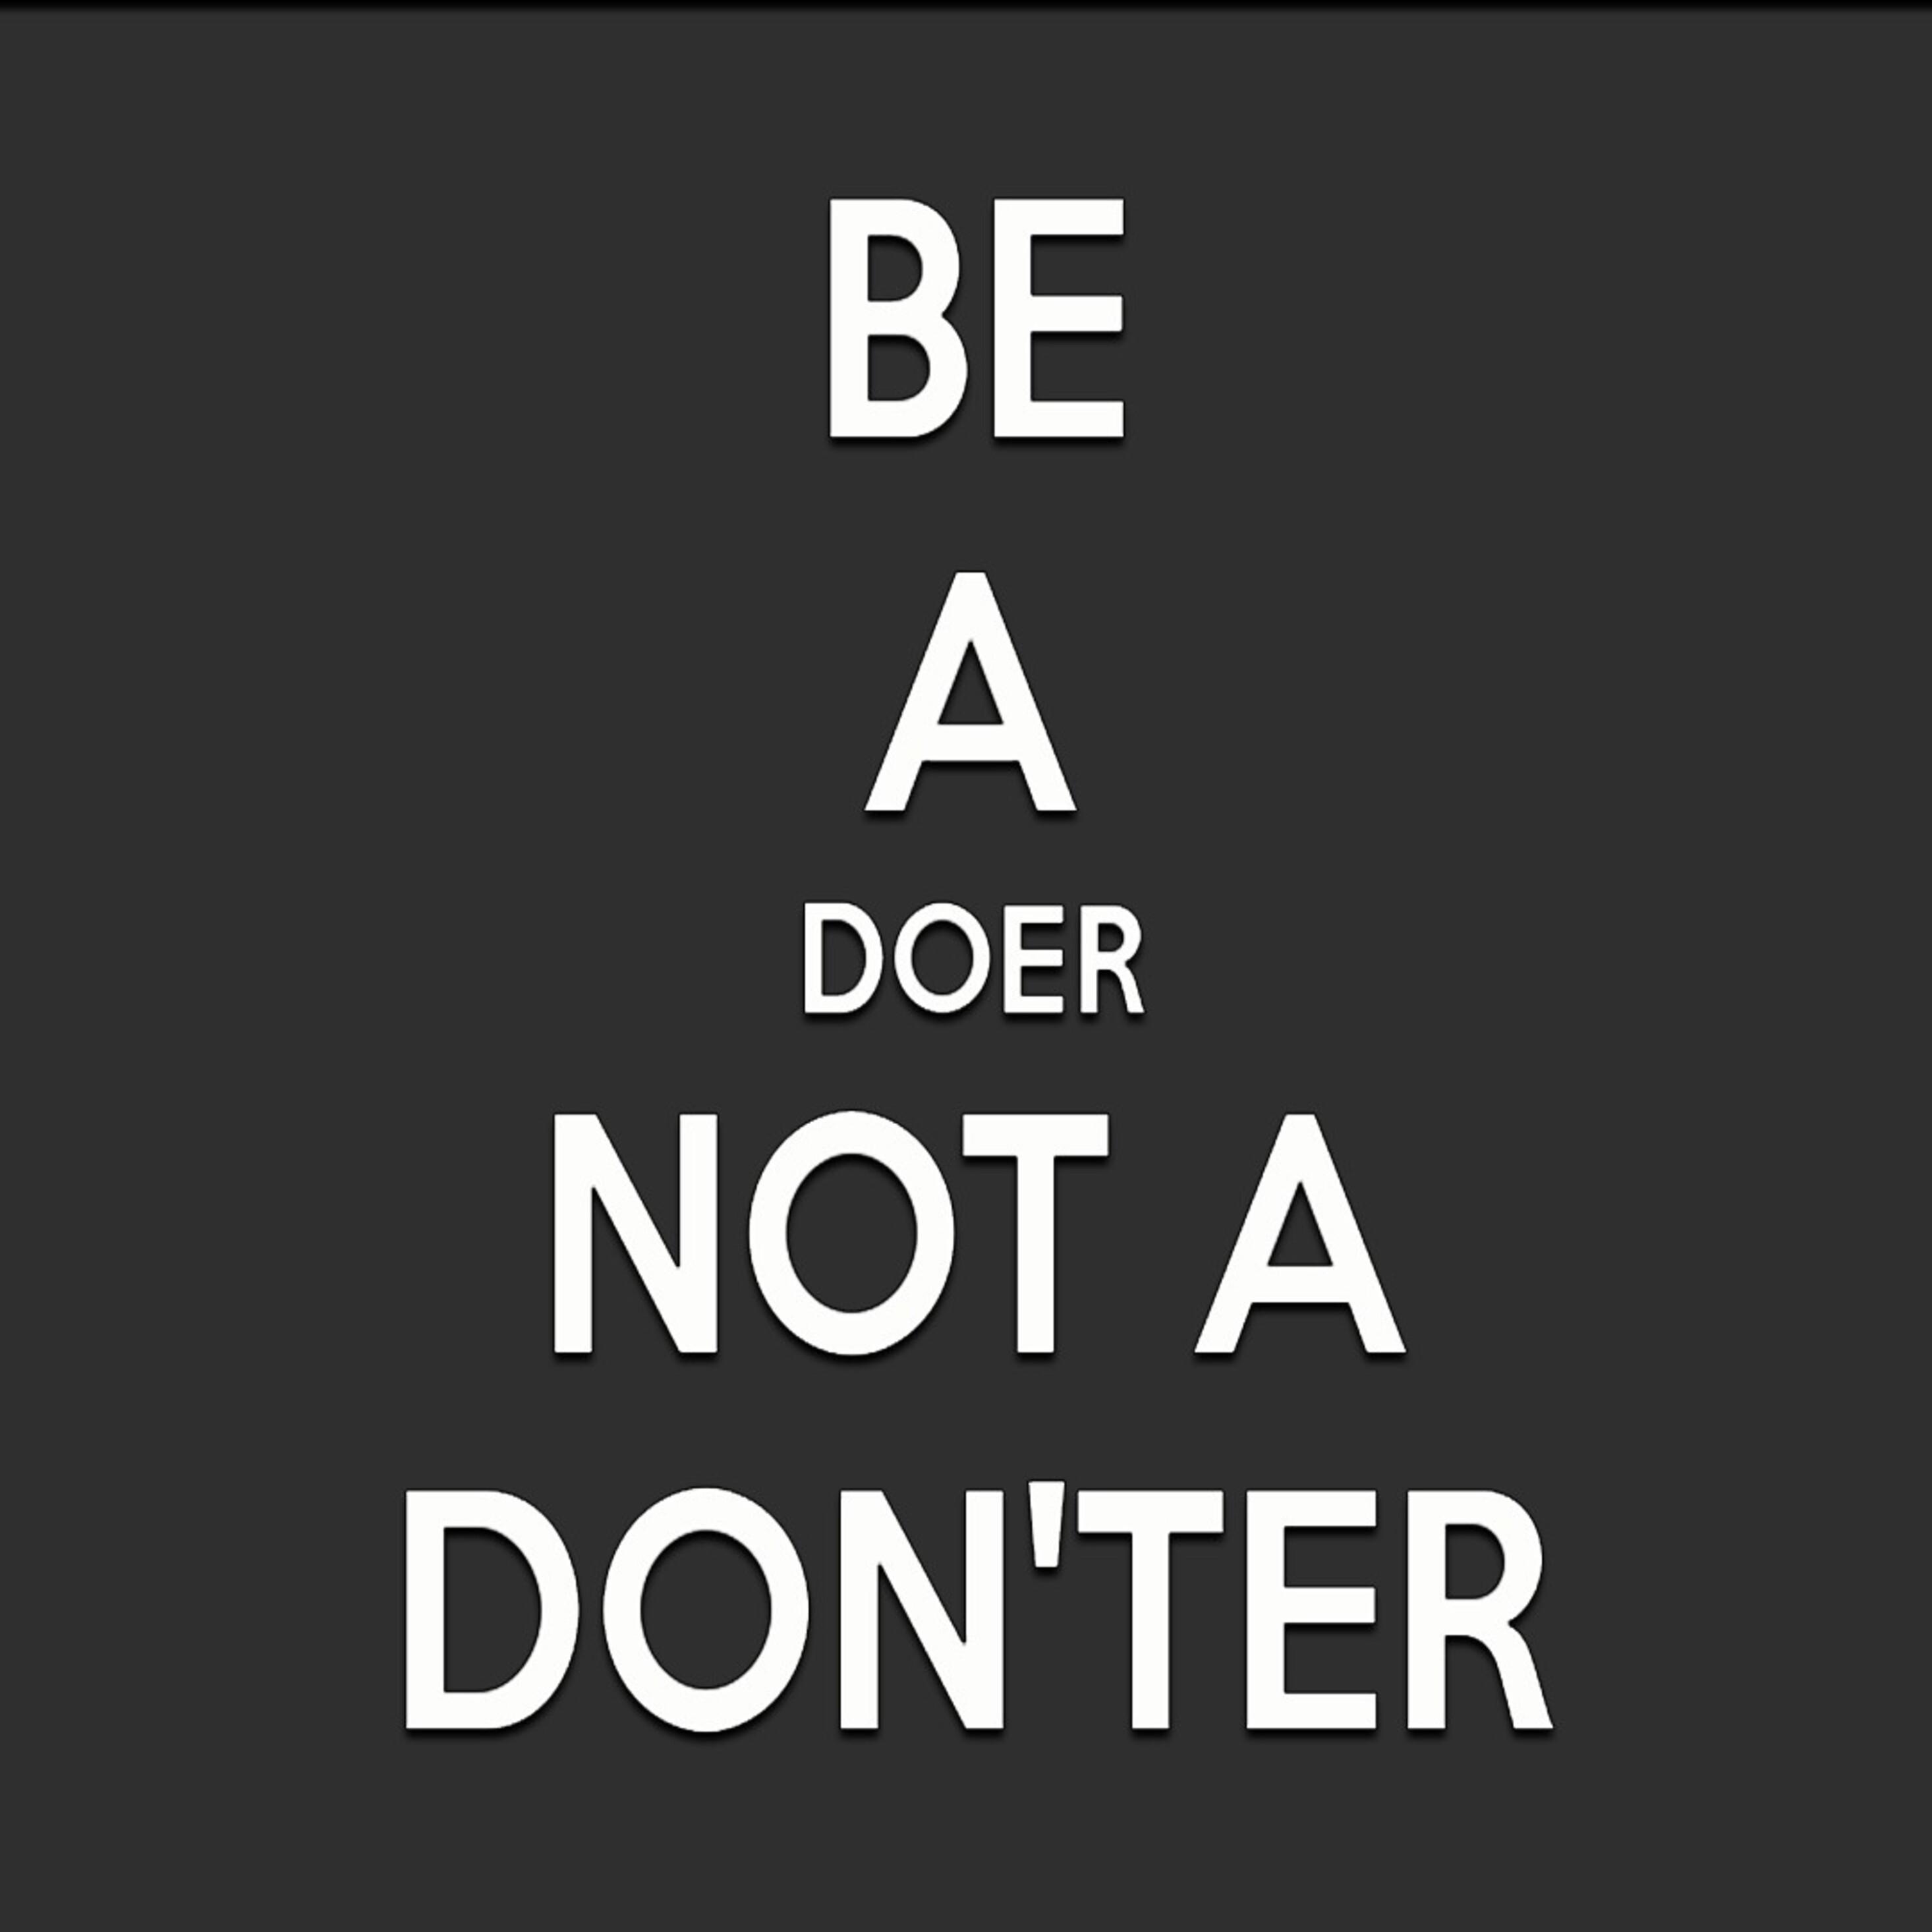 be-a-doer-not-a-donter.jpg